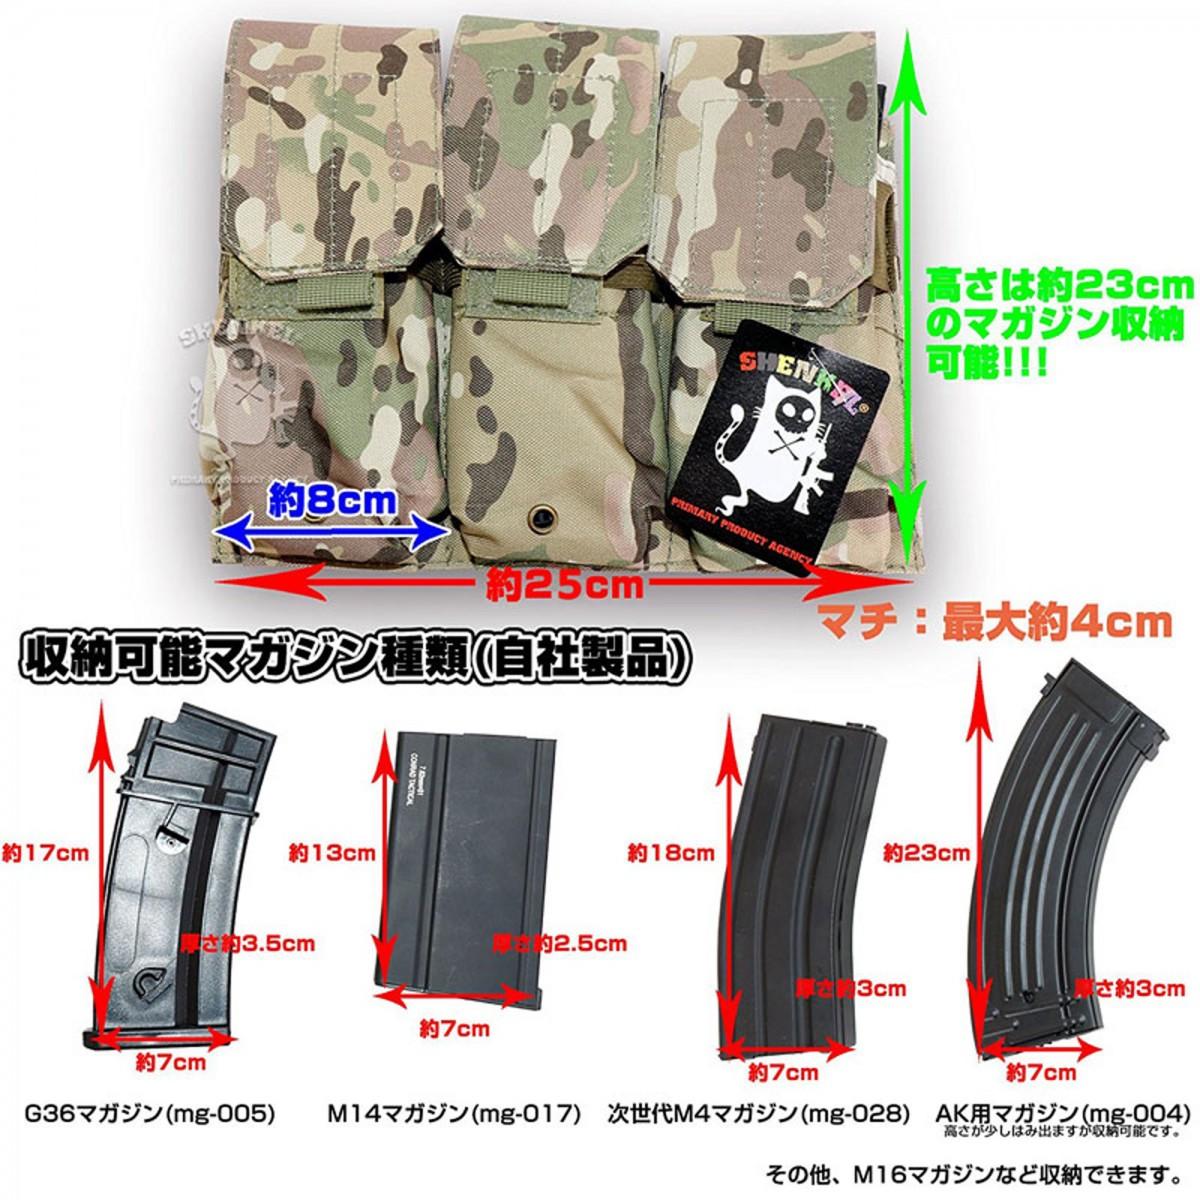 3連 マガジンポーチ M4 M16 AK サバゲー